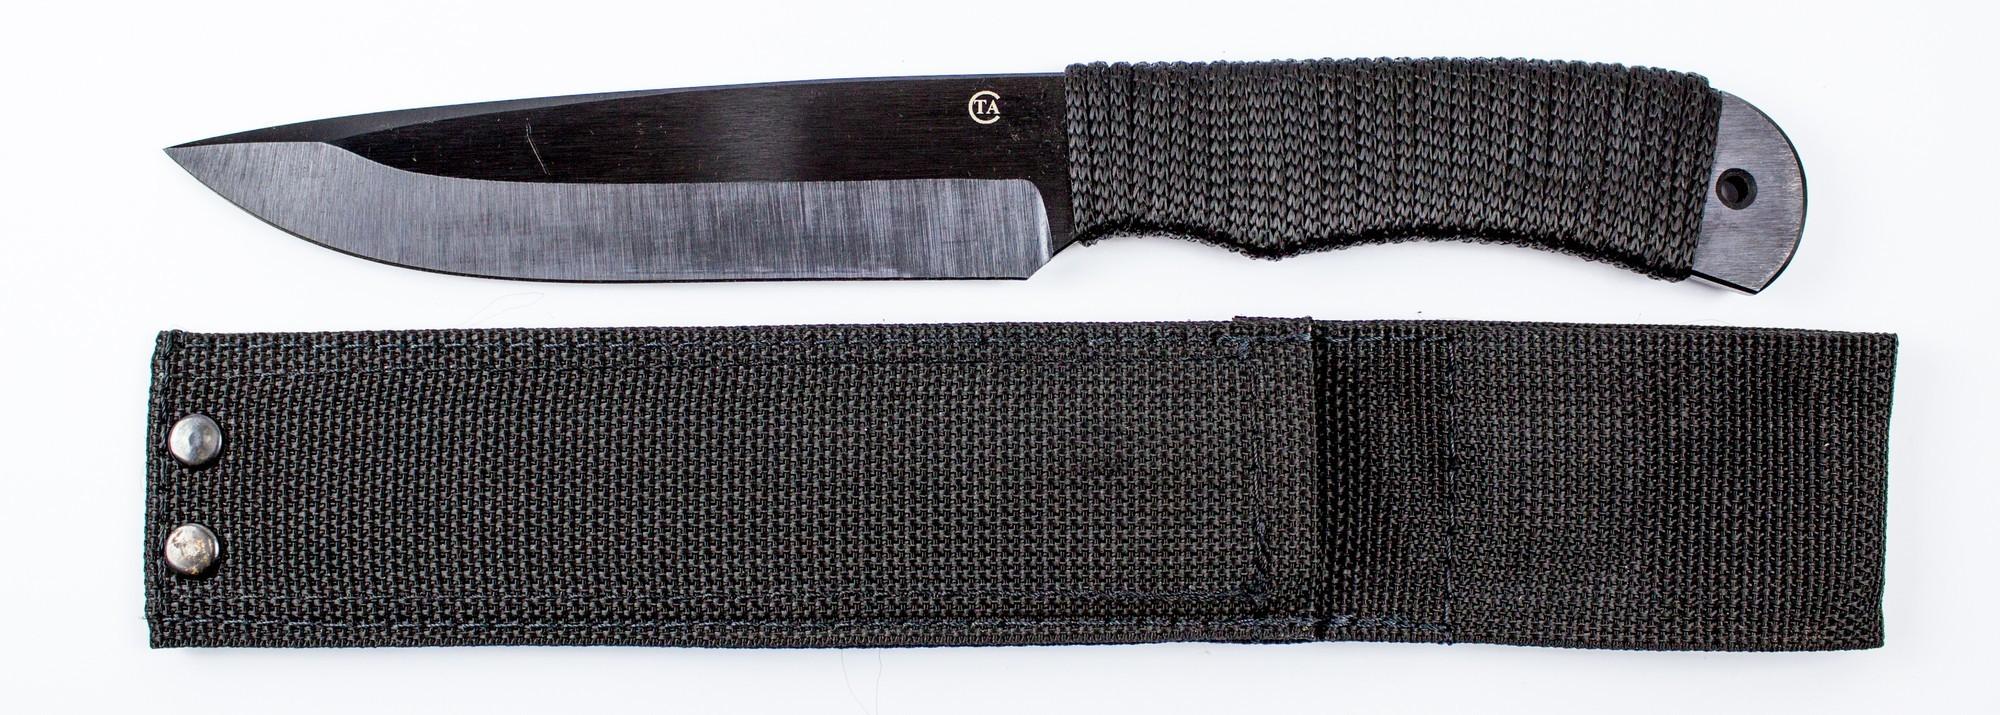 Нож метательный Сокол, 65Г